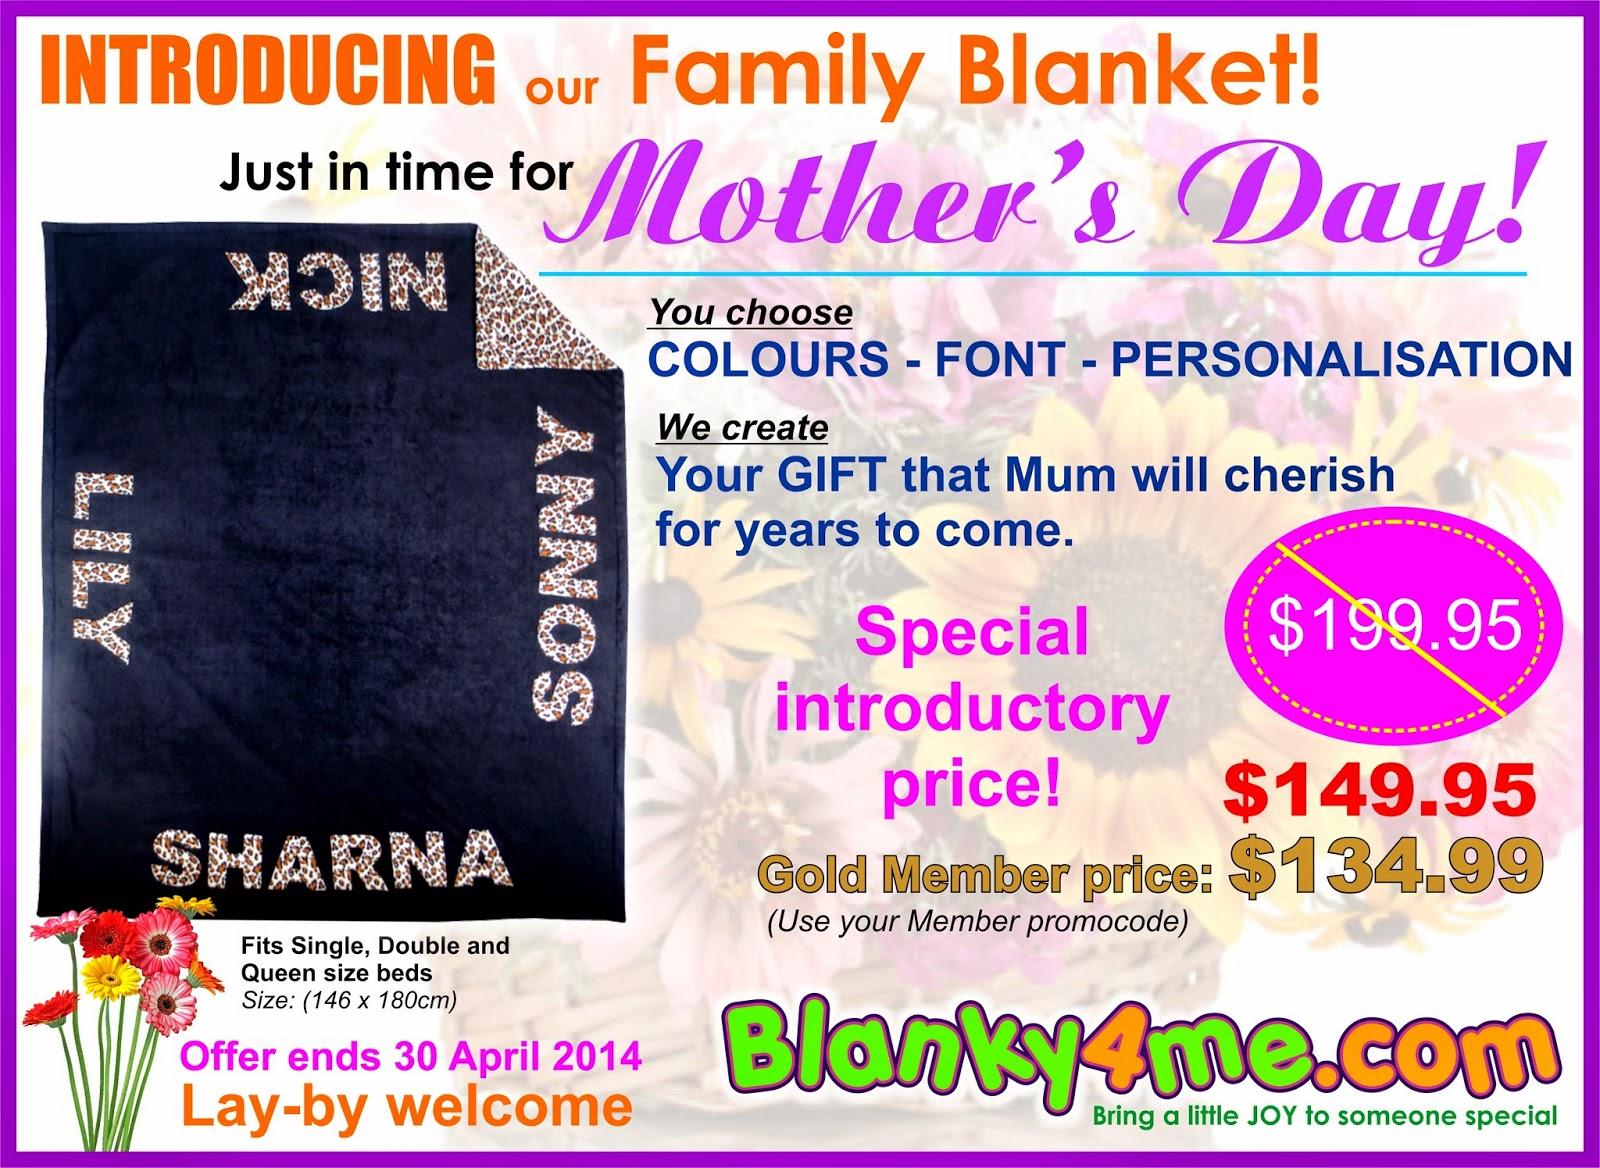 New Family Blanket